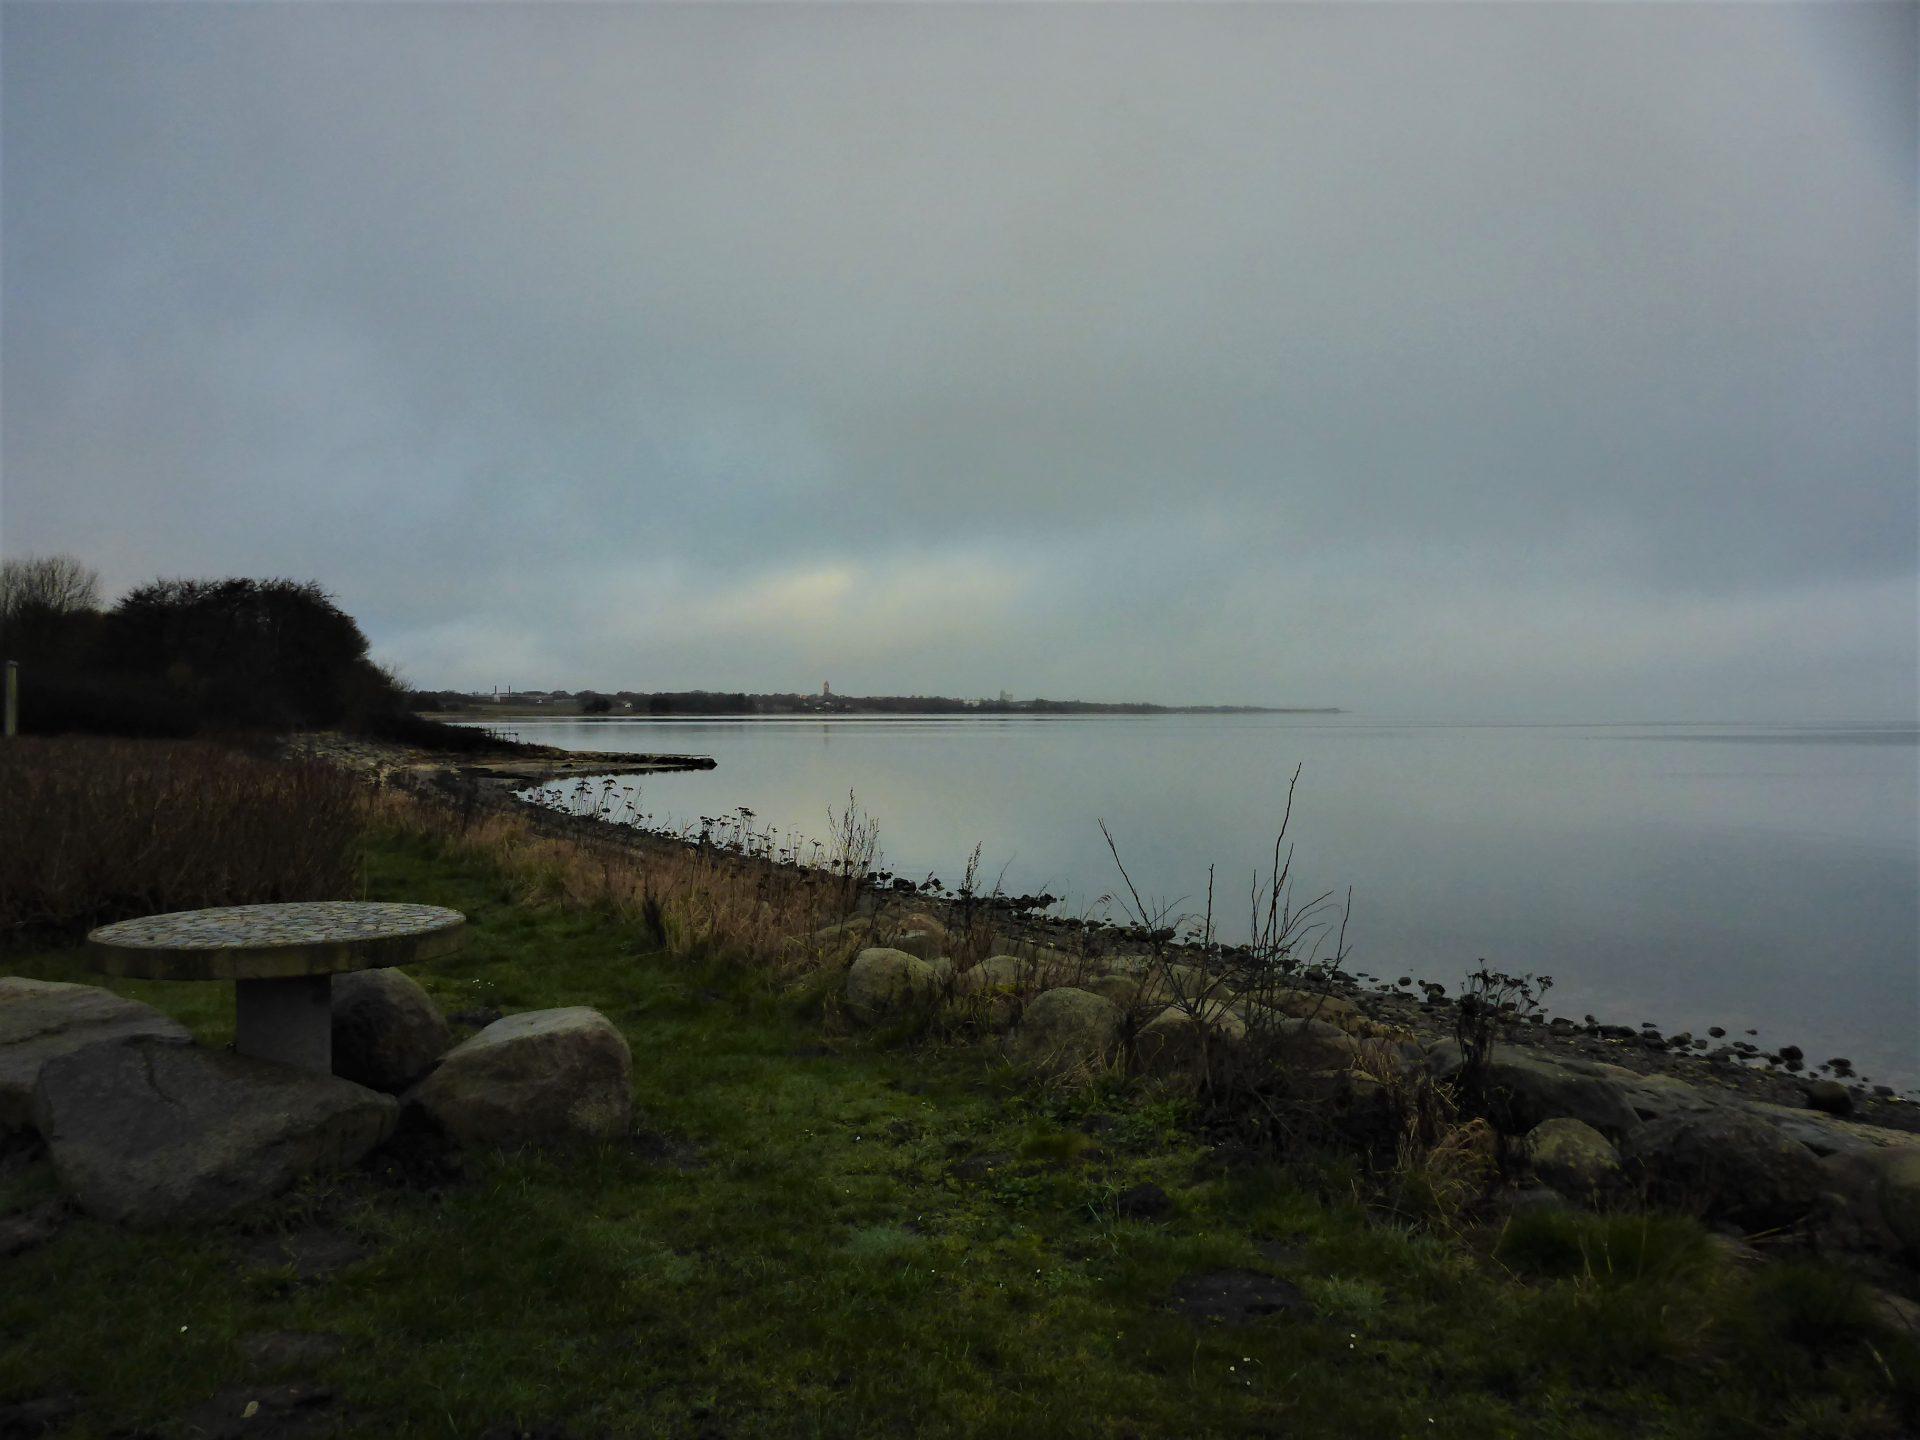 Vinderupvej Frimærket er en spændende og let tilgængelig fiskeplads i Limfjorden til lystfiskeri efter havørred.